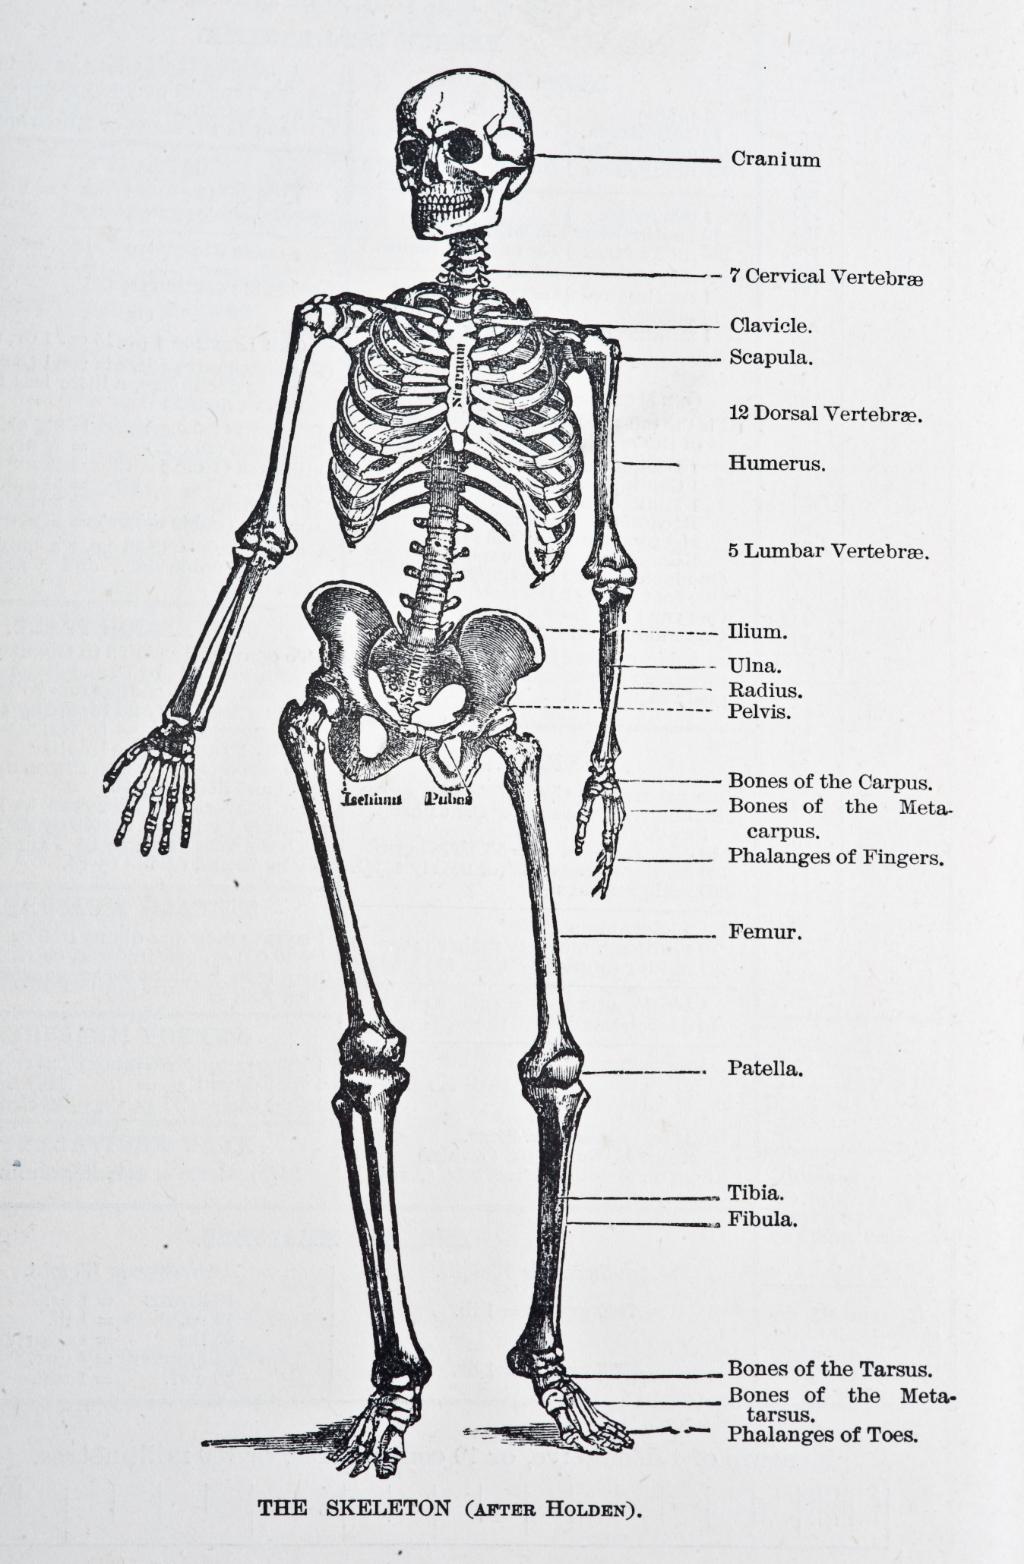 So sterben wir: Anatomische Darstellung des menschlichen Skeletts. Symbolbild. Die meisten Sterbenden fallen in eine tiefe Bewusstlosigkeit, doch sie spüren Berührungen. Was geschieht im Körper, wenn wir sterben, und warum sollten wir über das Sterben reden? Roland Schulz im Interview. In: Prinzip Apfelbaum. Magazin über das, was bleibt. Foto: VintageMedStock / Alamy Stock Photo